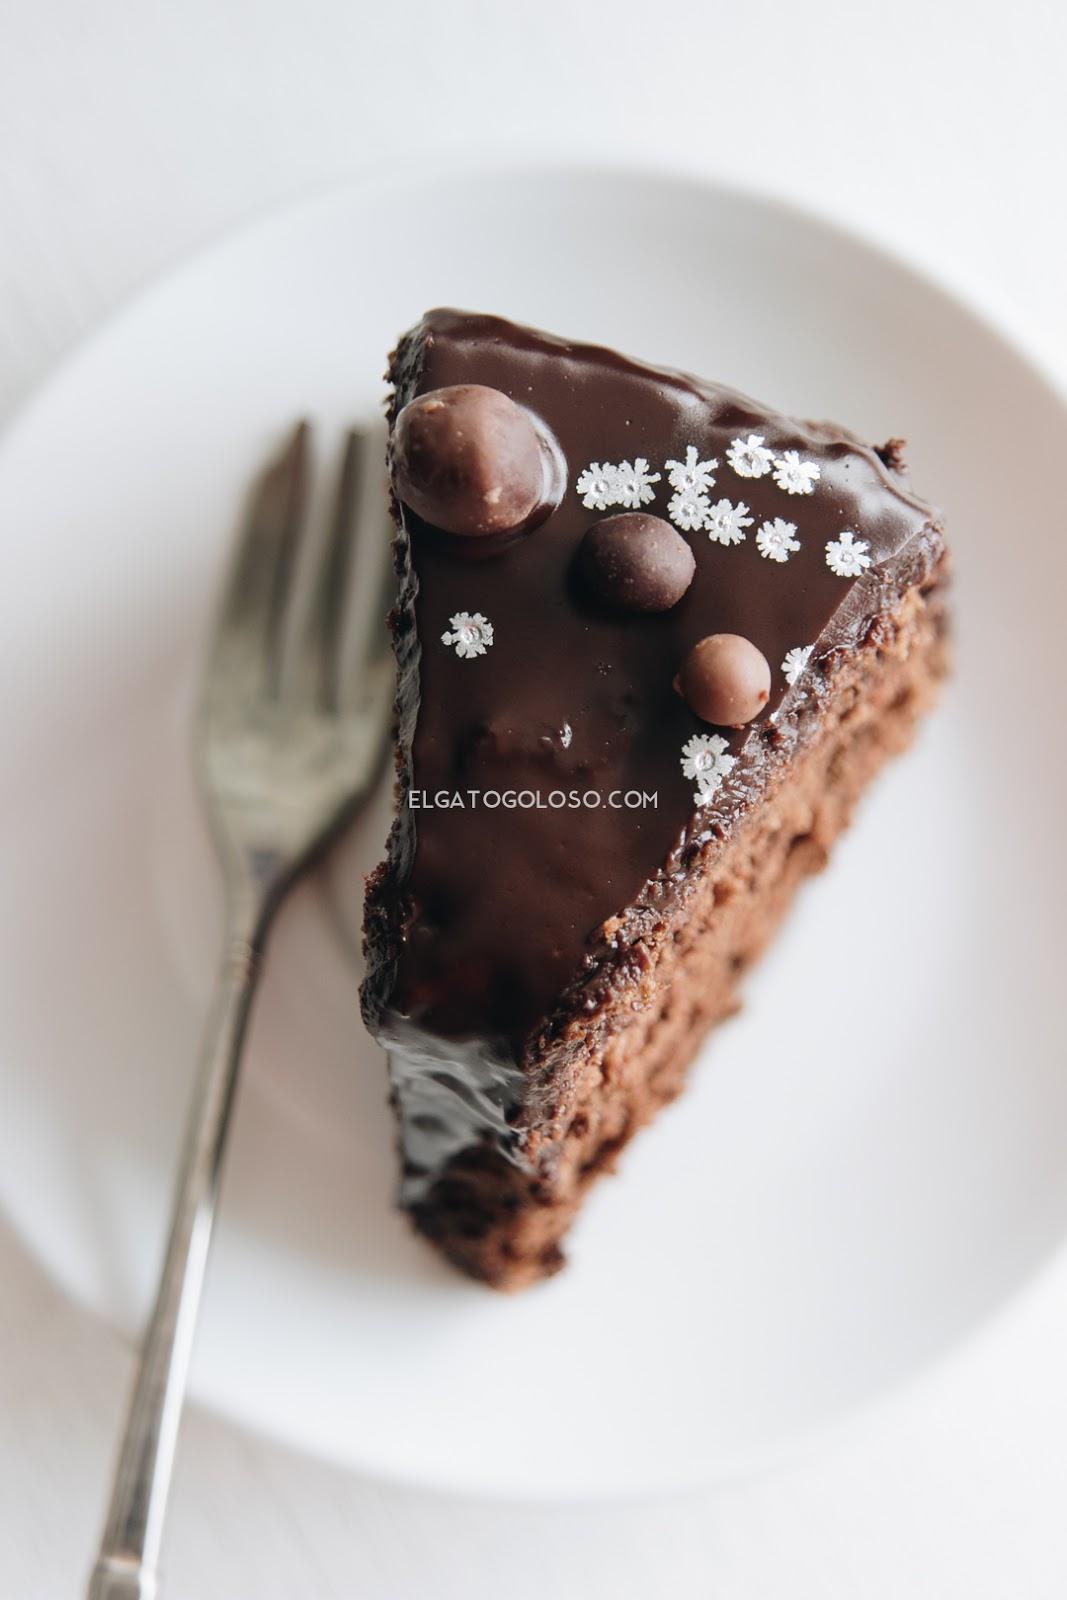 Chiffon cake de chocolate, es perfecta para ocaciones especiales, rica, ligera, esponjosa y suave. Receta vía www.elgatogoloso.com